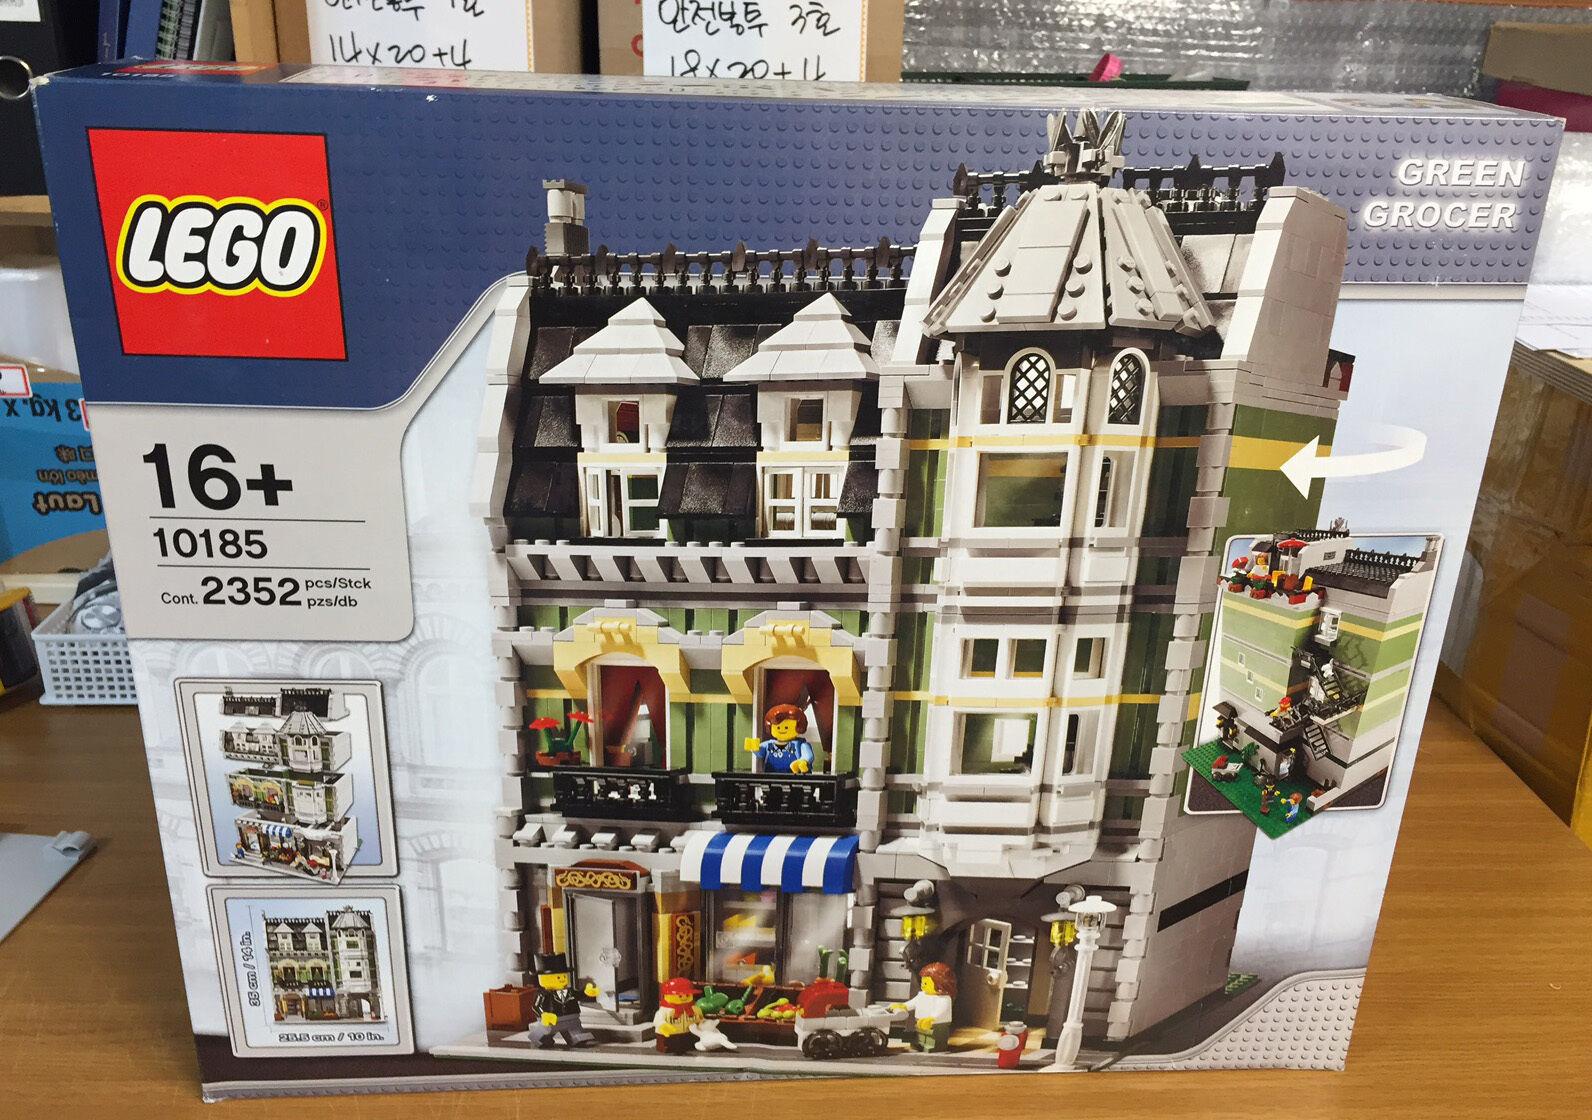 LEGO edifici  modulare 10185 verde GROCER-Nuovo, sigillato  servizio di prima classe